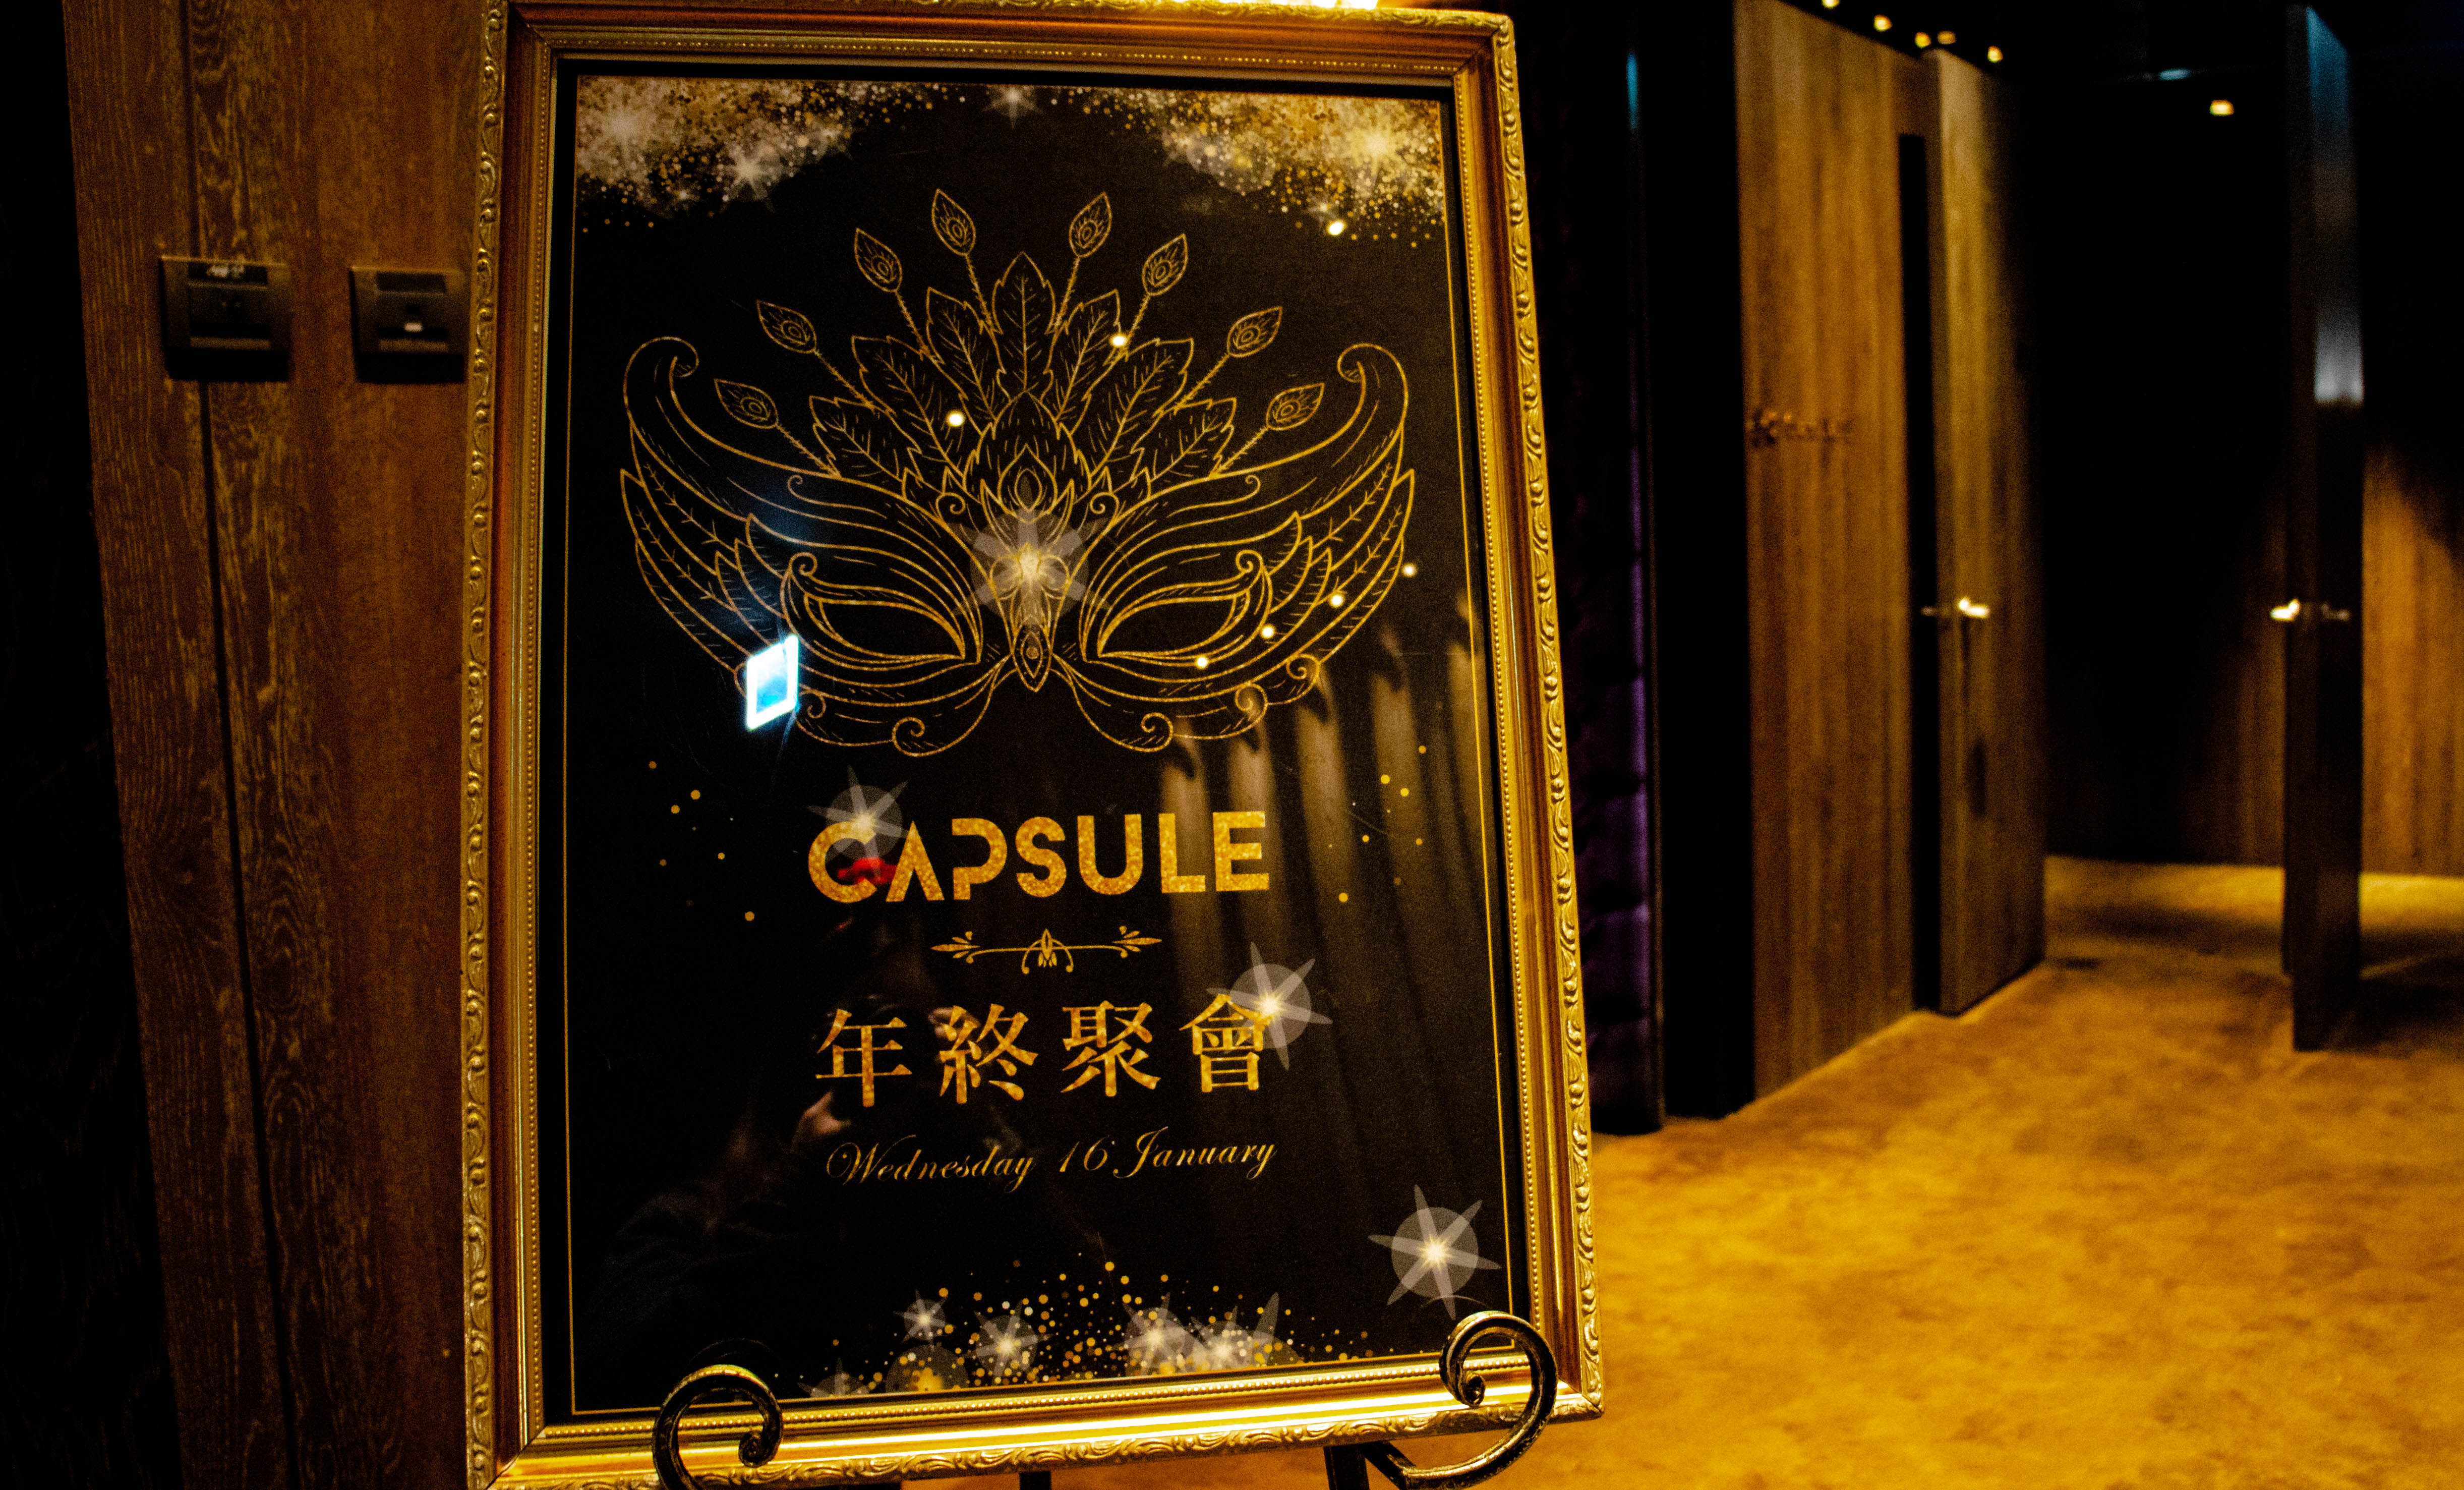 創作者正裝打扮超吸睛!CAPSULE 年終聚會圓滿落幕